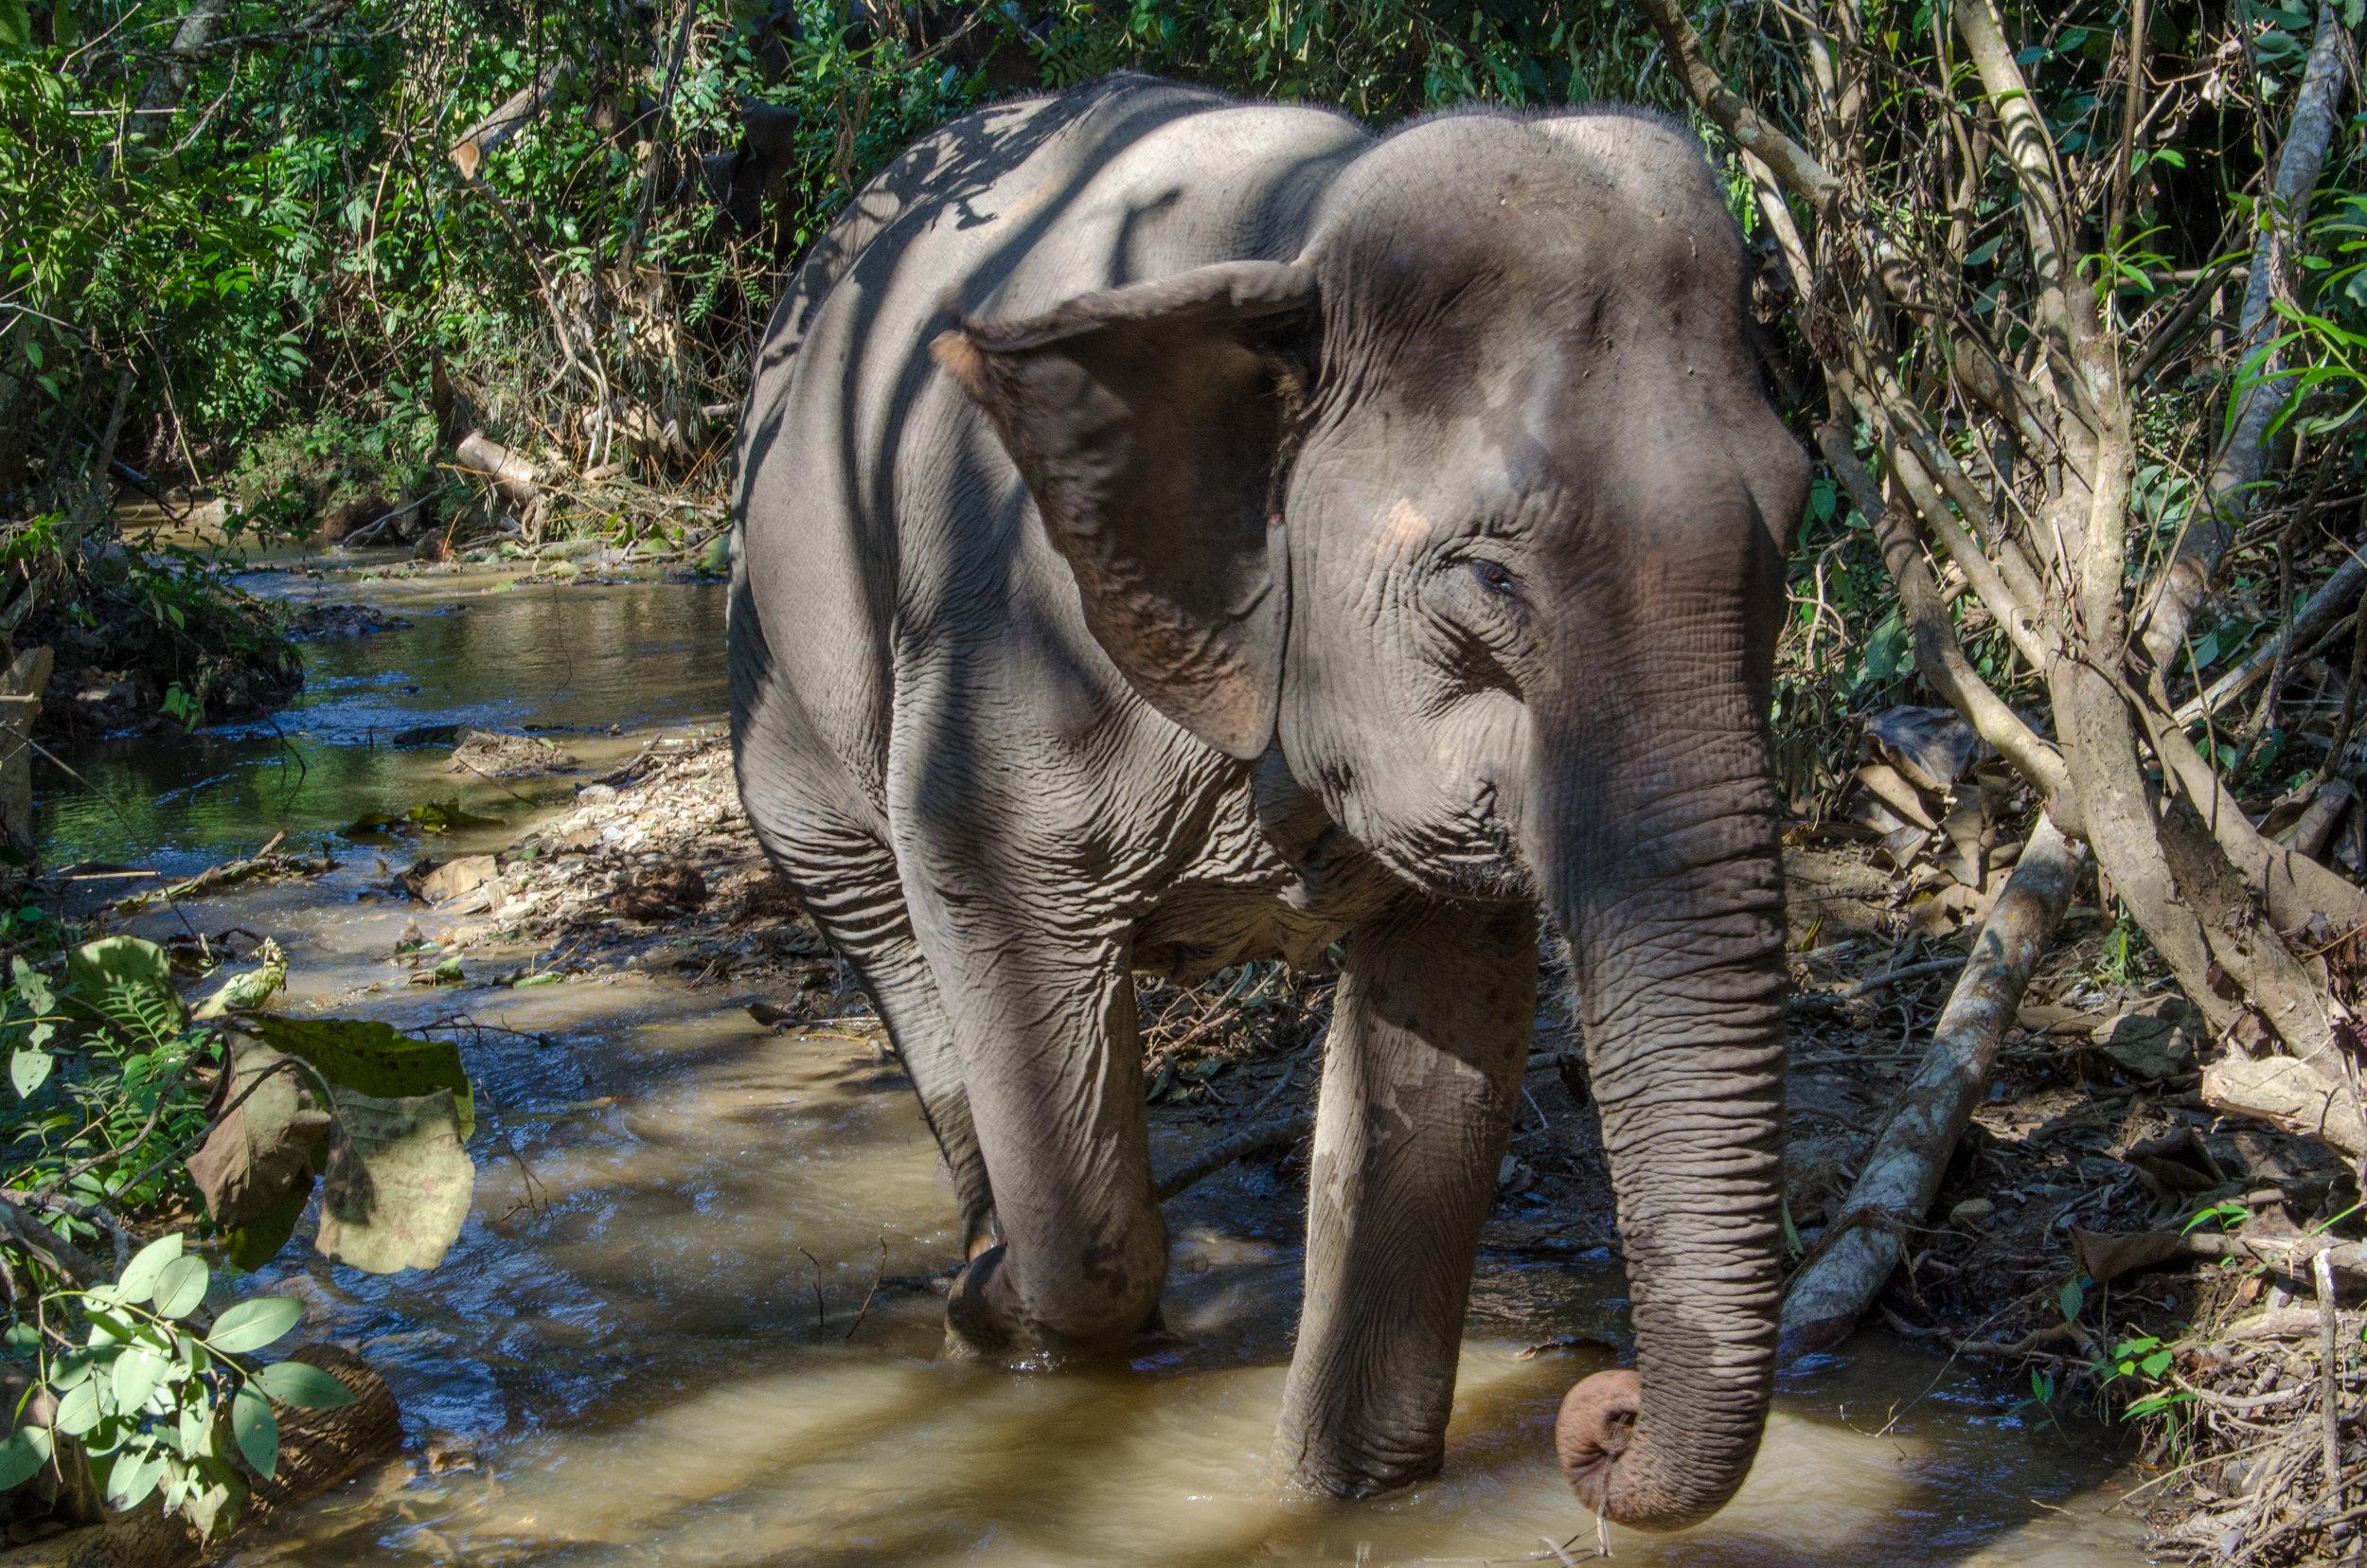 Elephant walk, MandaLao Elephant Conservation Park, Laos